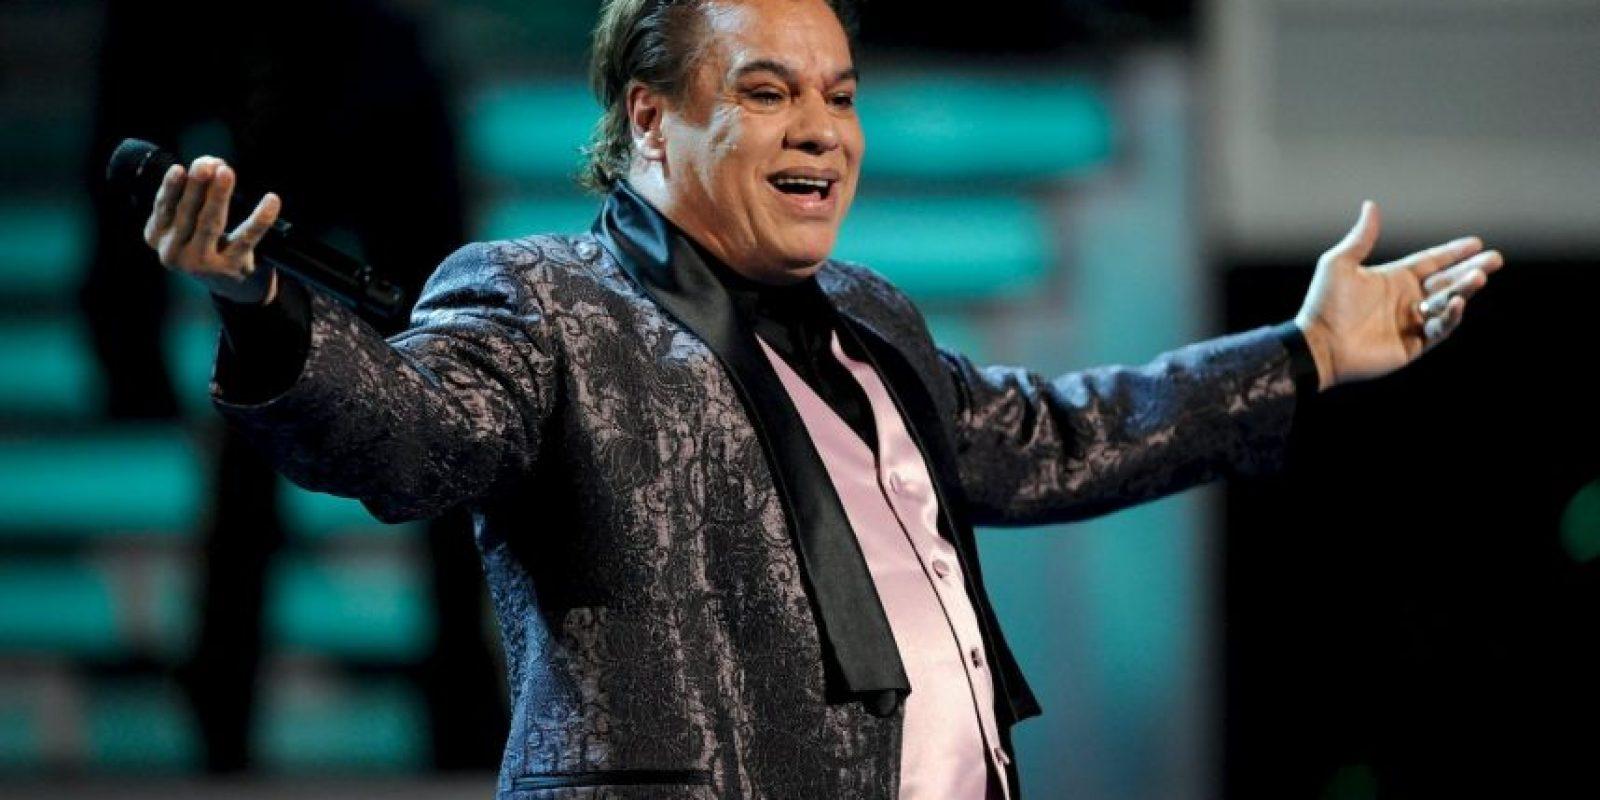 """Juan Gabriel. En el libro """"El hijo del ajedrecista"""" se dice que el cantante actuó para el jefe del Cartel de Cali. Foto:Getty Images"""